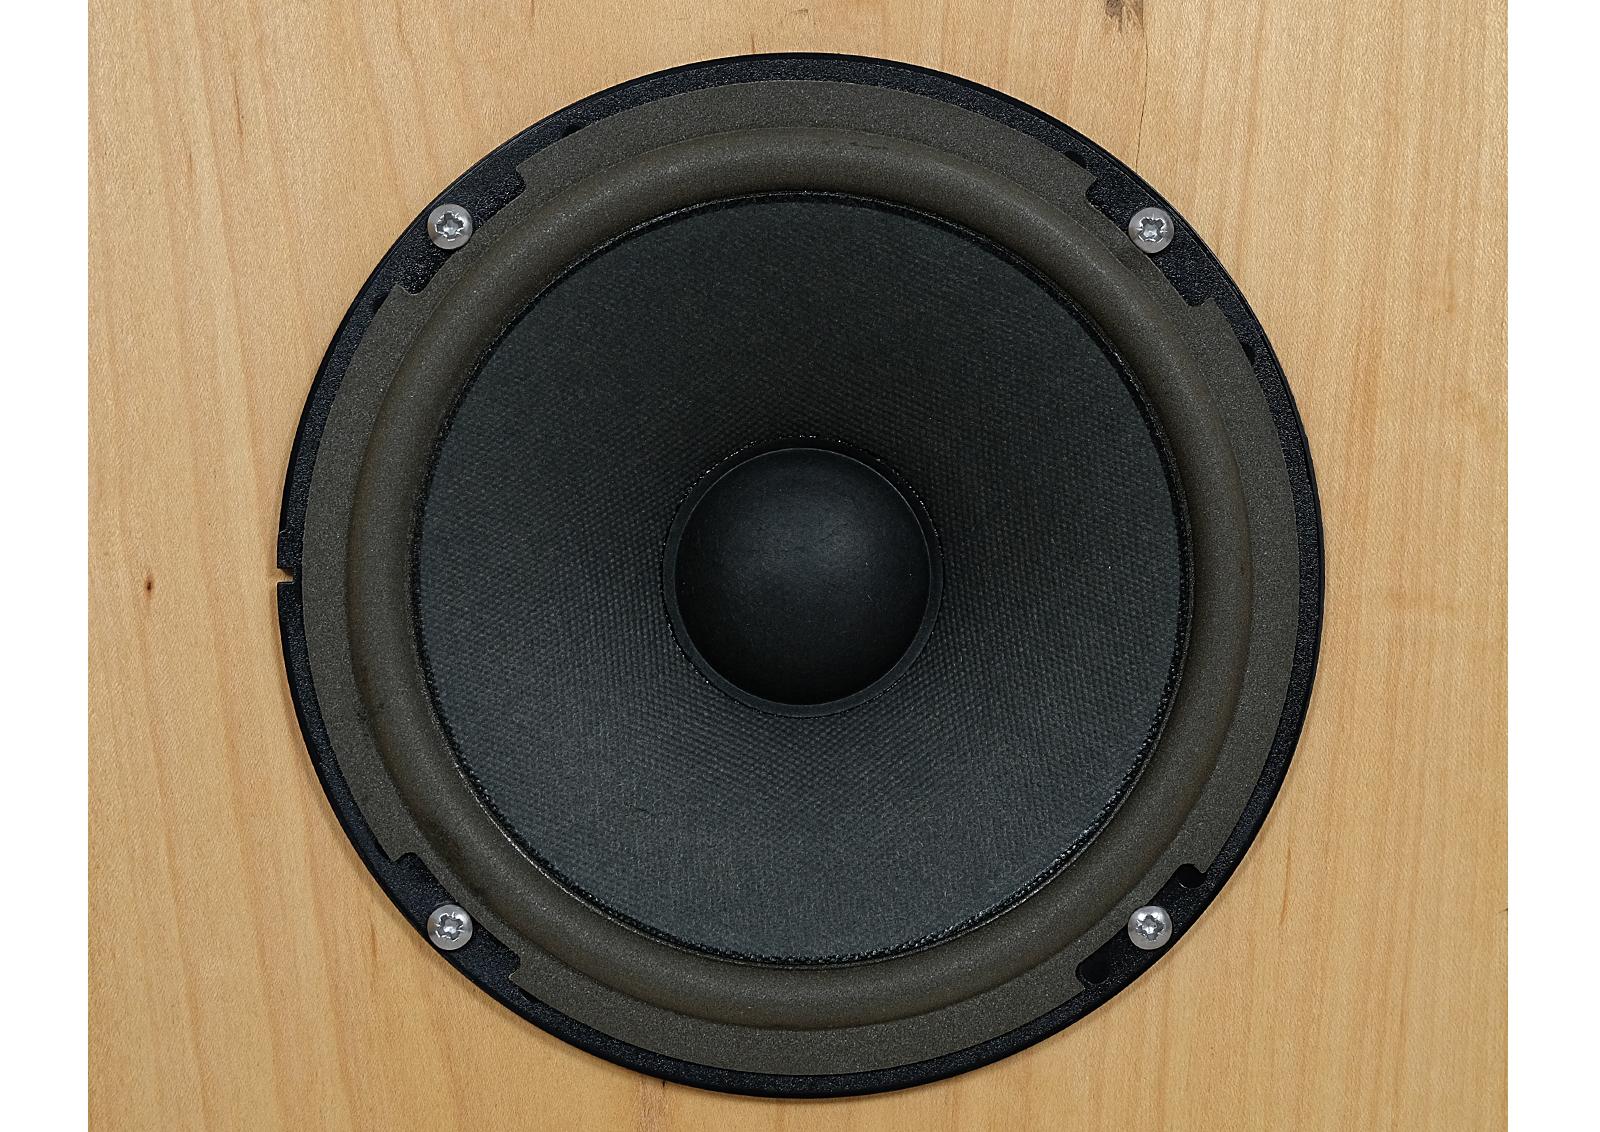 Floor Standing Speakers Jbl Tlx 320